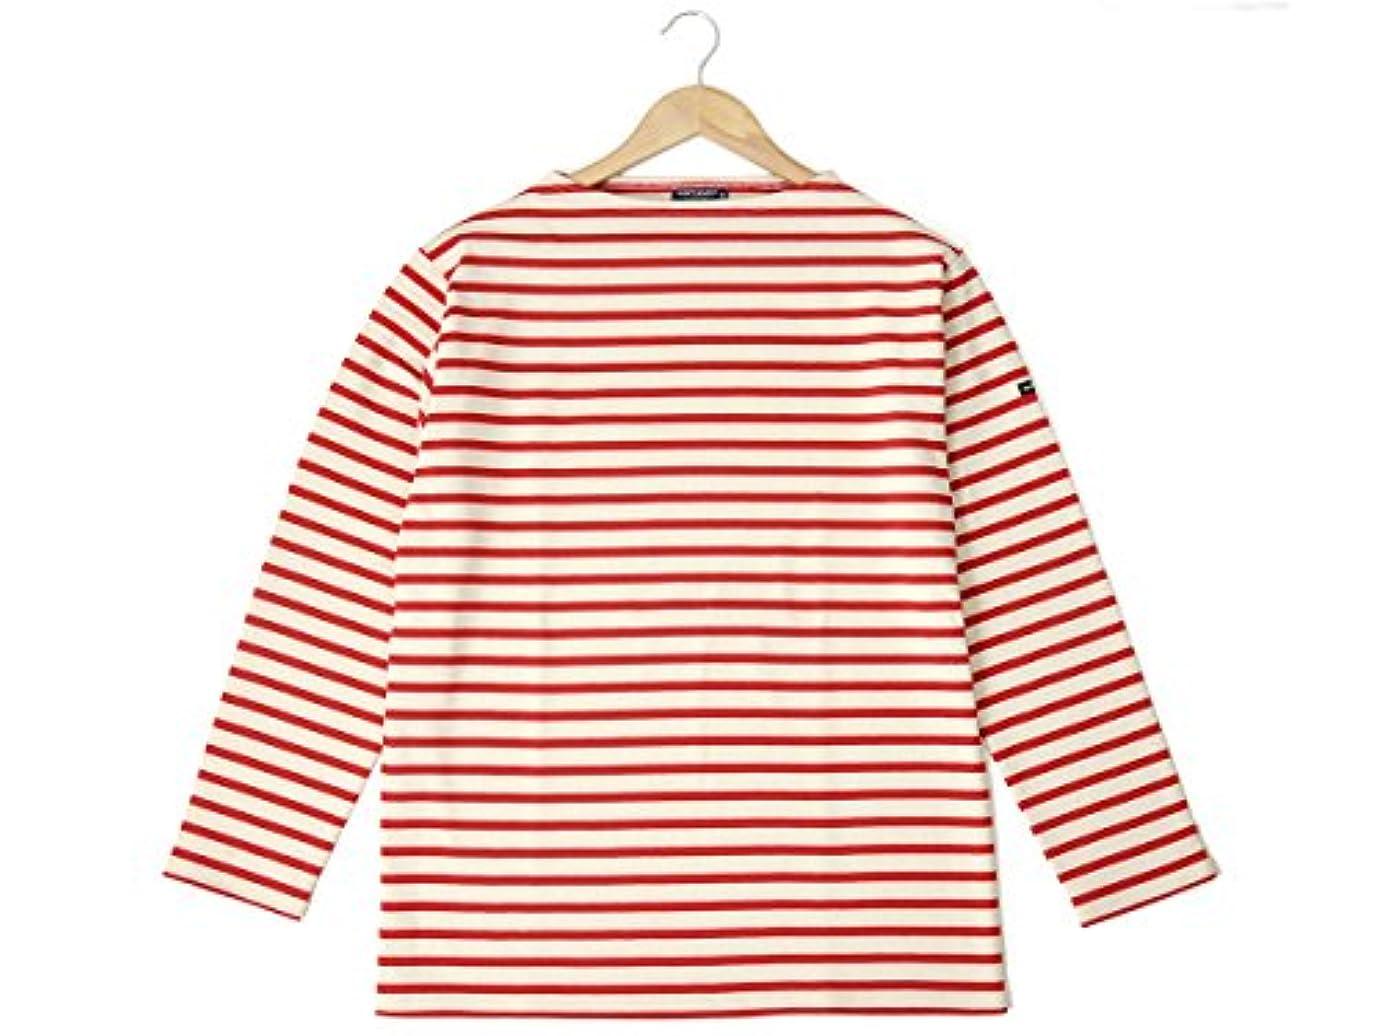 ピクニックをする船乗り永遠のセントジェームス ウエッソン ギルド バスクシャツ SAINT JAMES 2501 MP GUILDO 長袖 ボーダー ロンT ECRU/TULIPE チューリップ レッド メンズ レディース [並行輸入品]